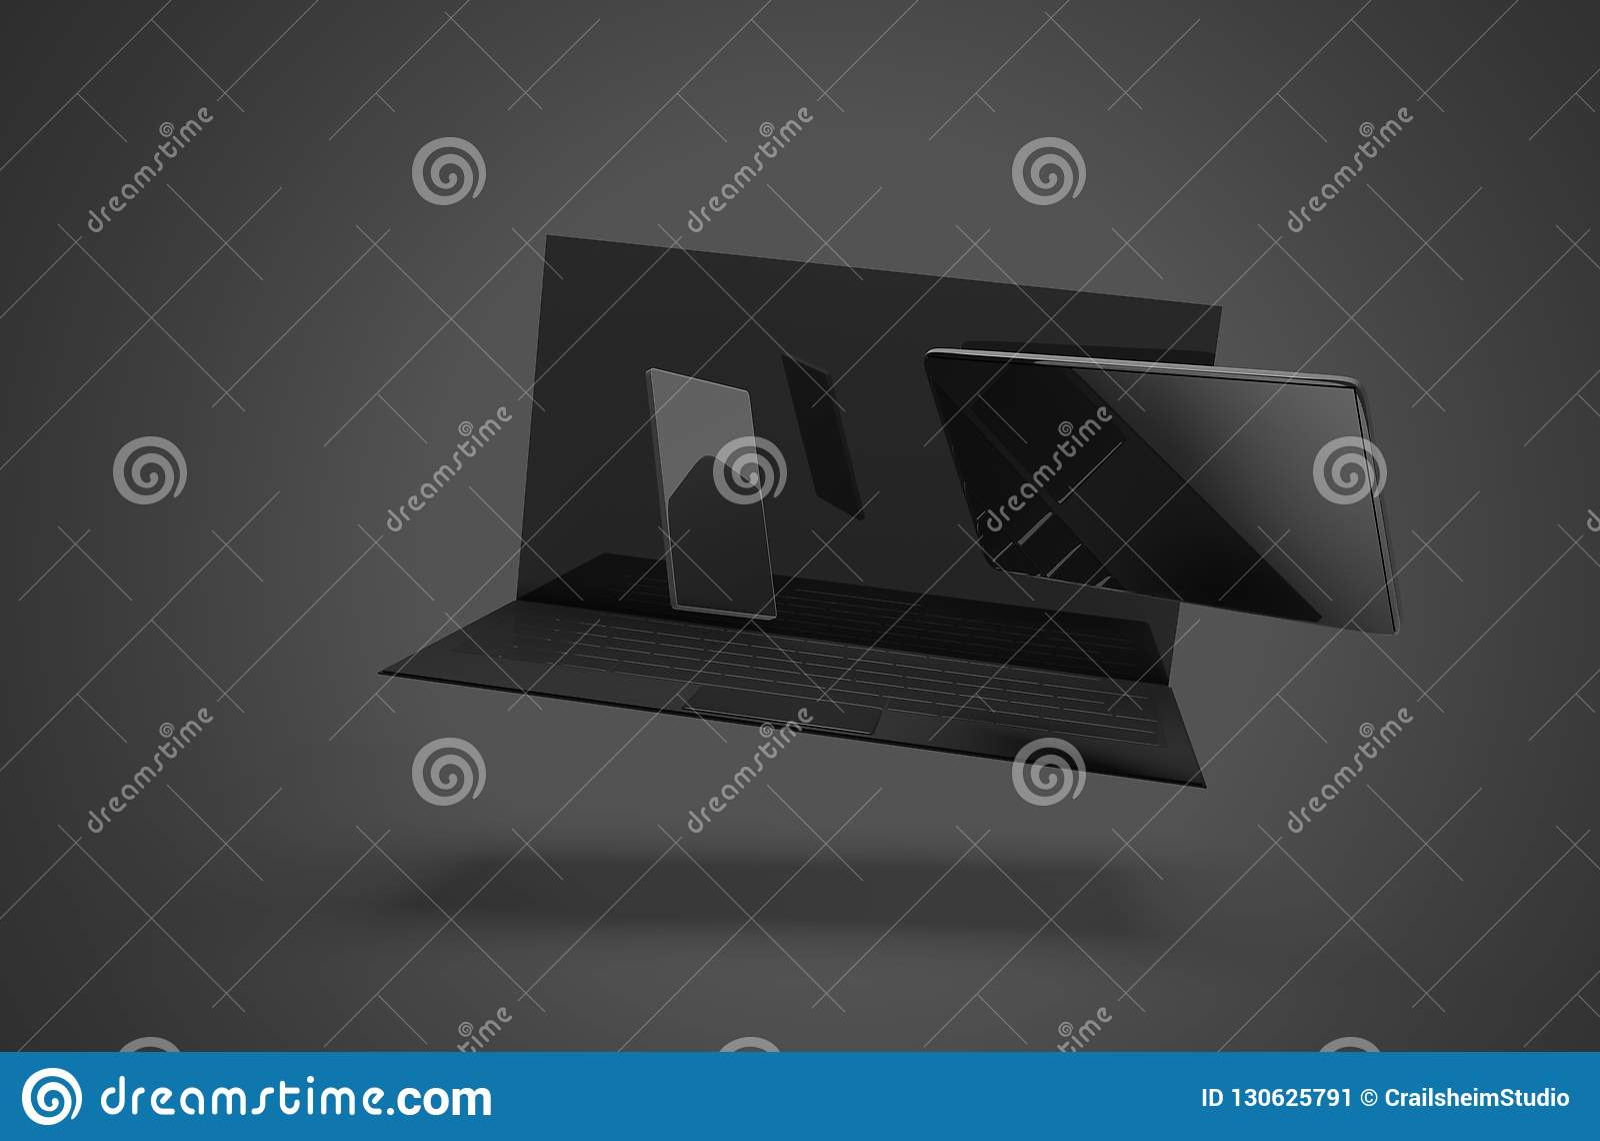 Teléfono móvil 3d-illustration de la tableta de ordenador portátil del cuaderno del ordenador